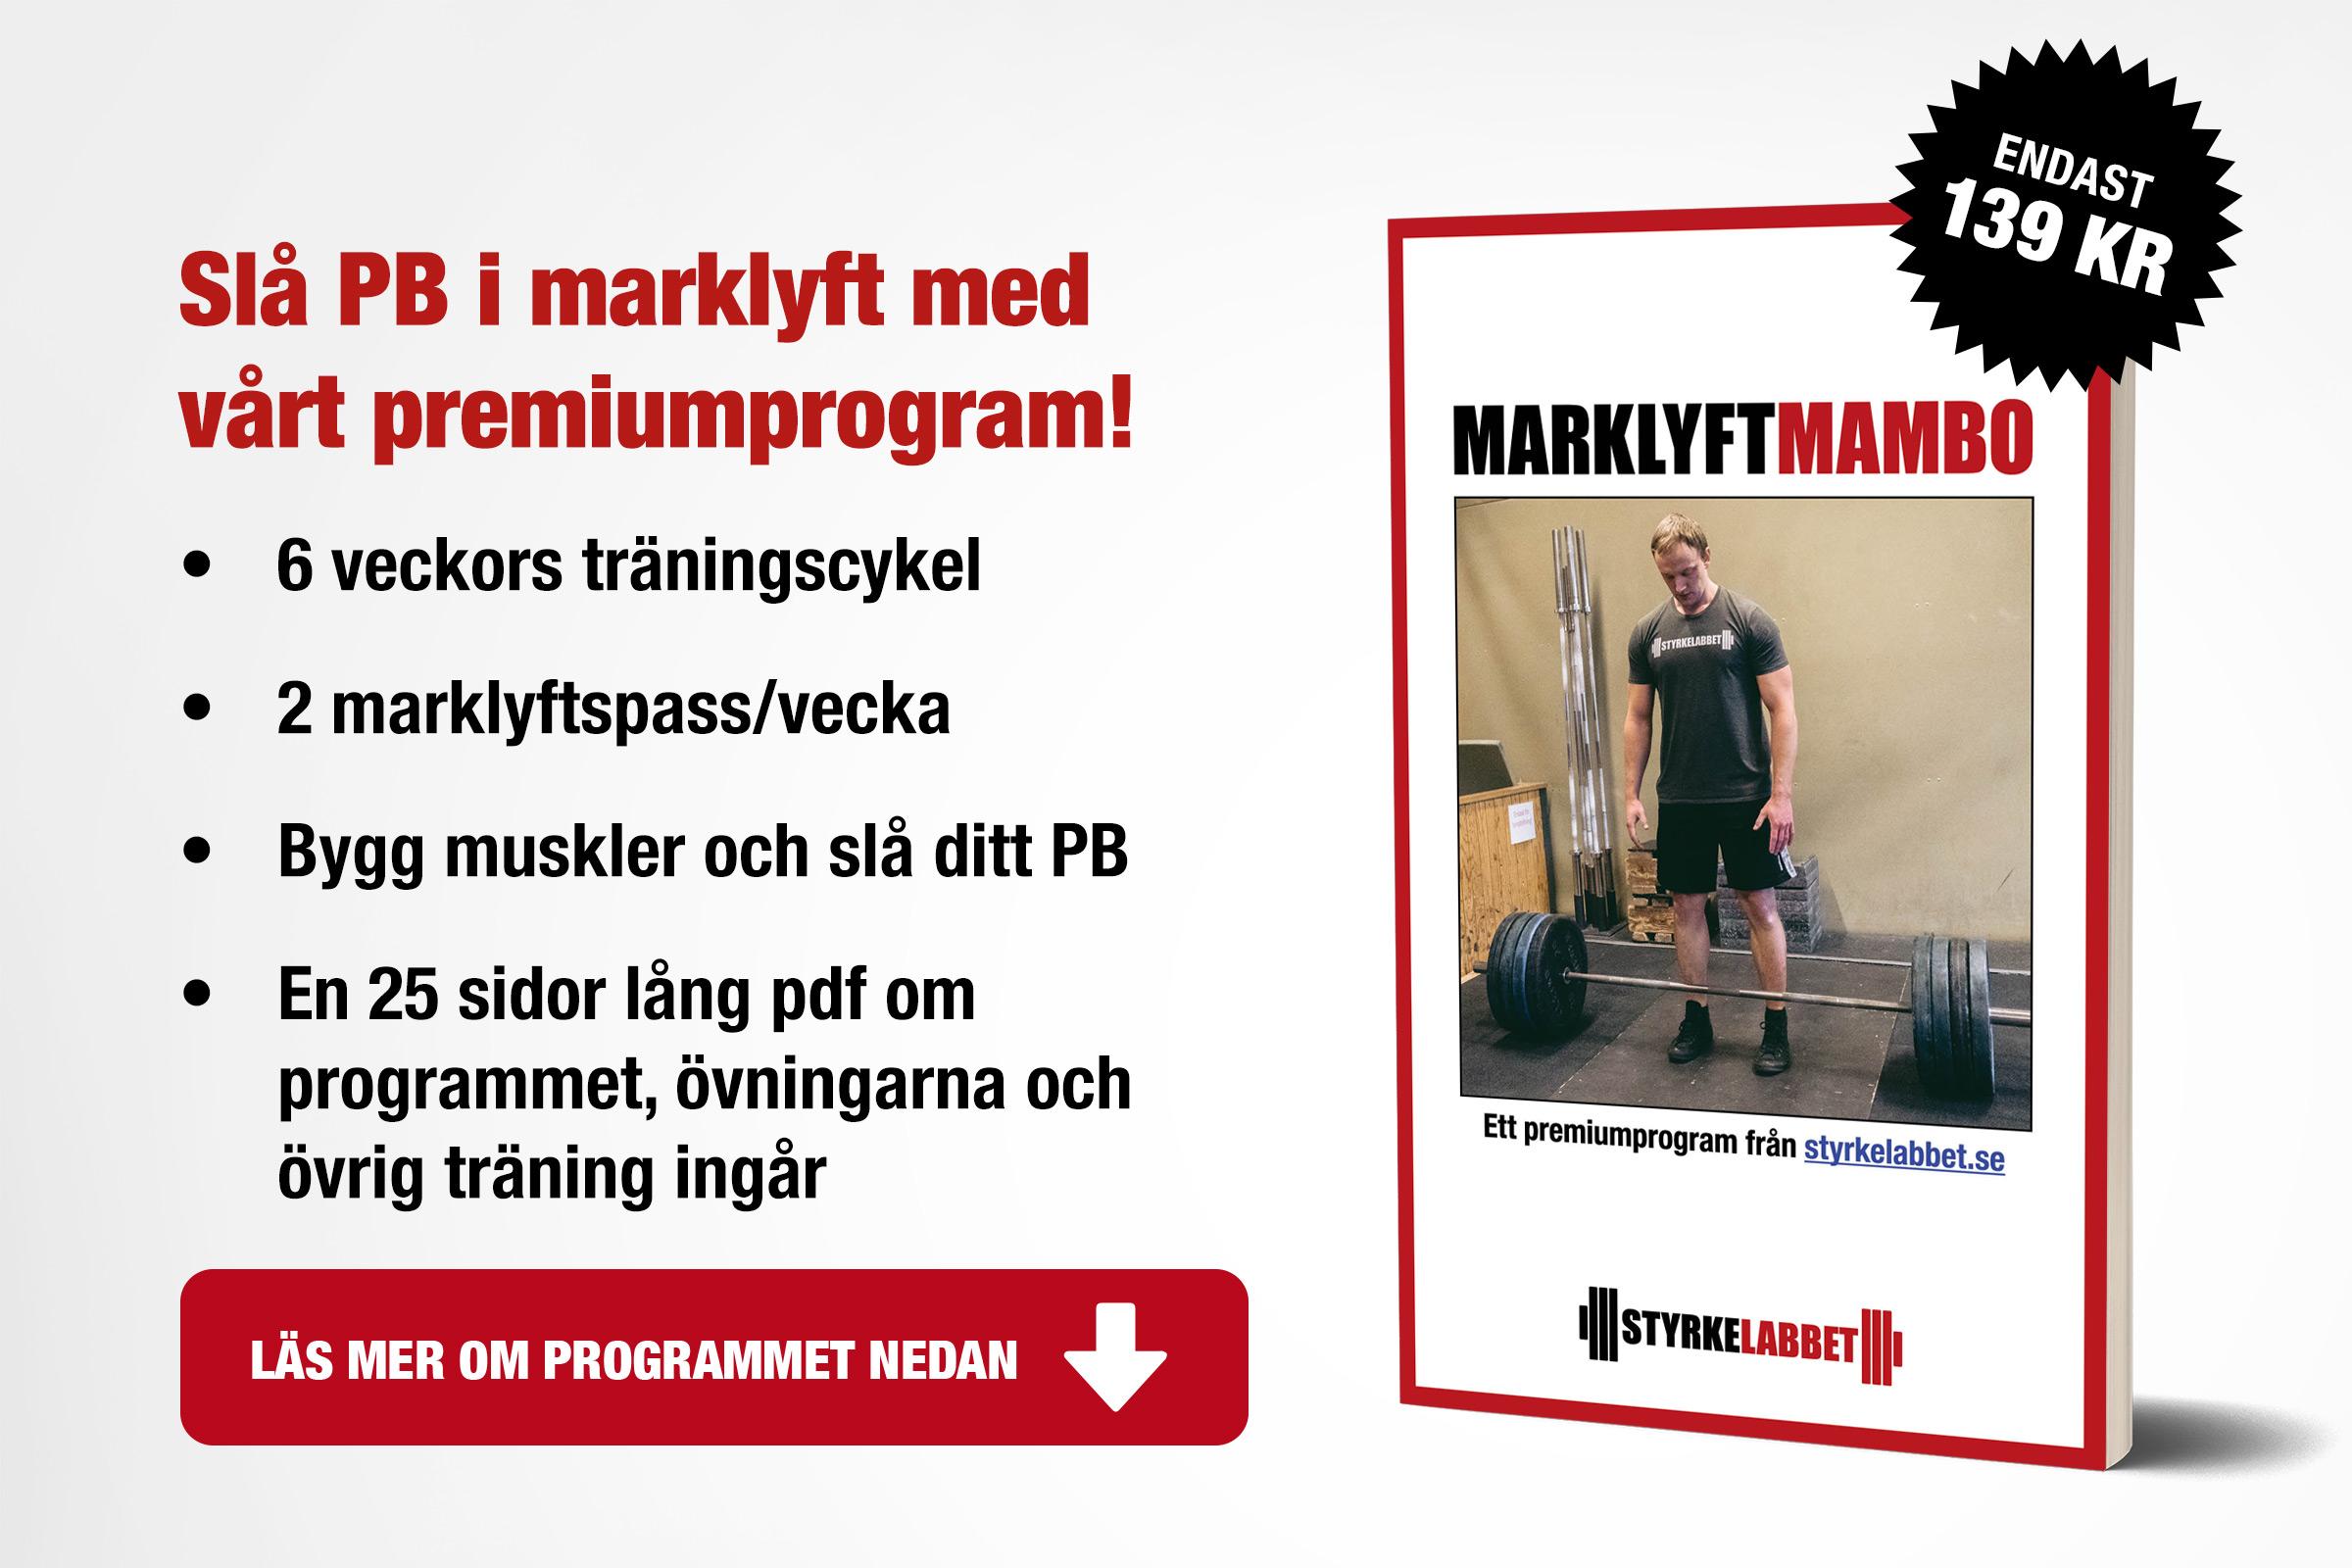 Marklyft Mambo: Sex veckors träningsprogram för marklyft!